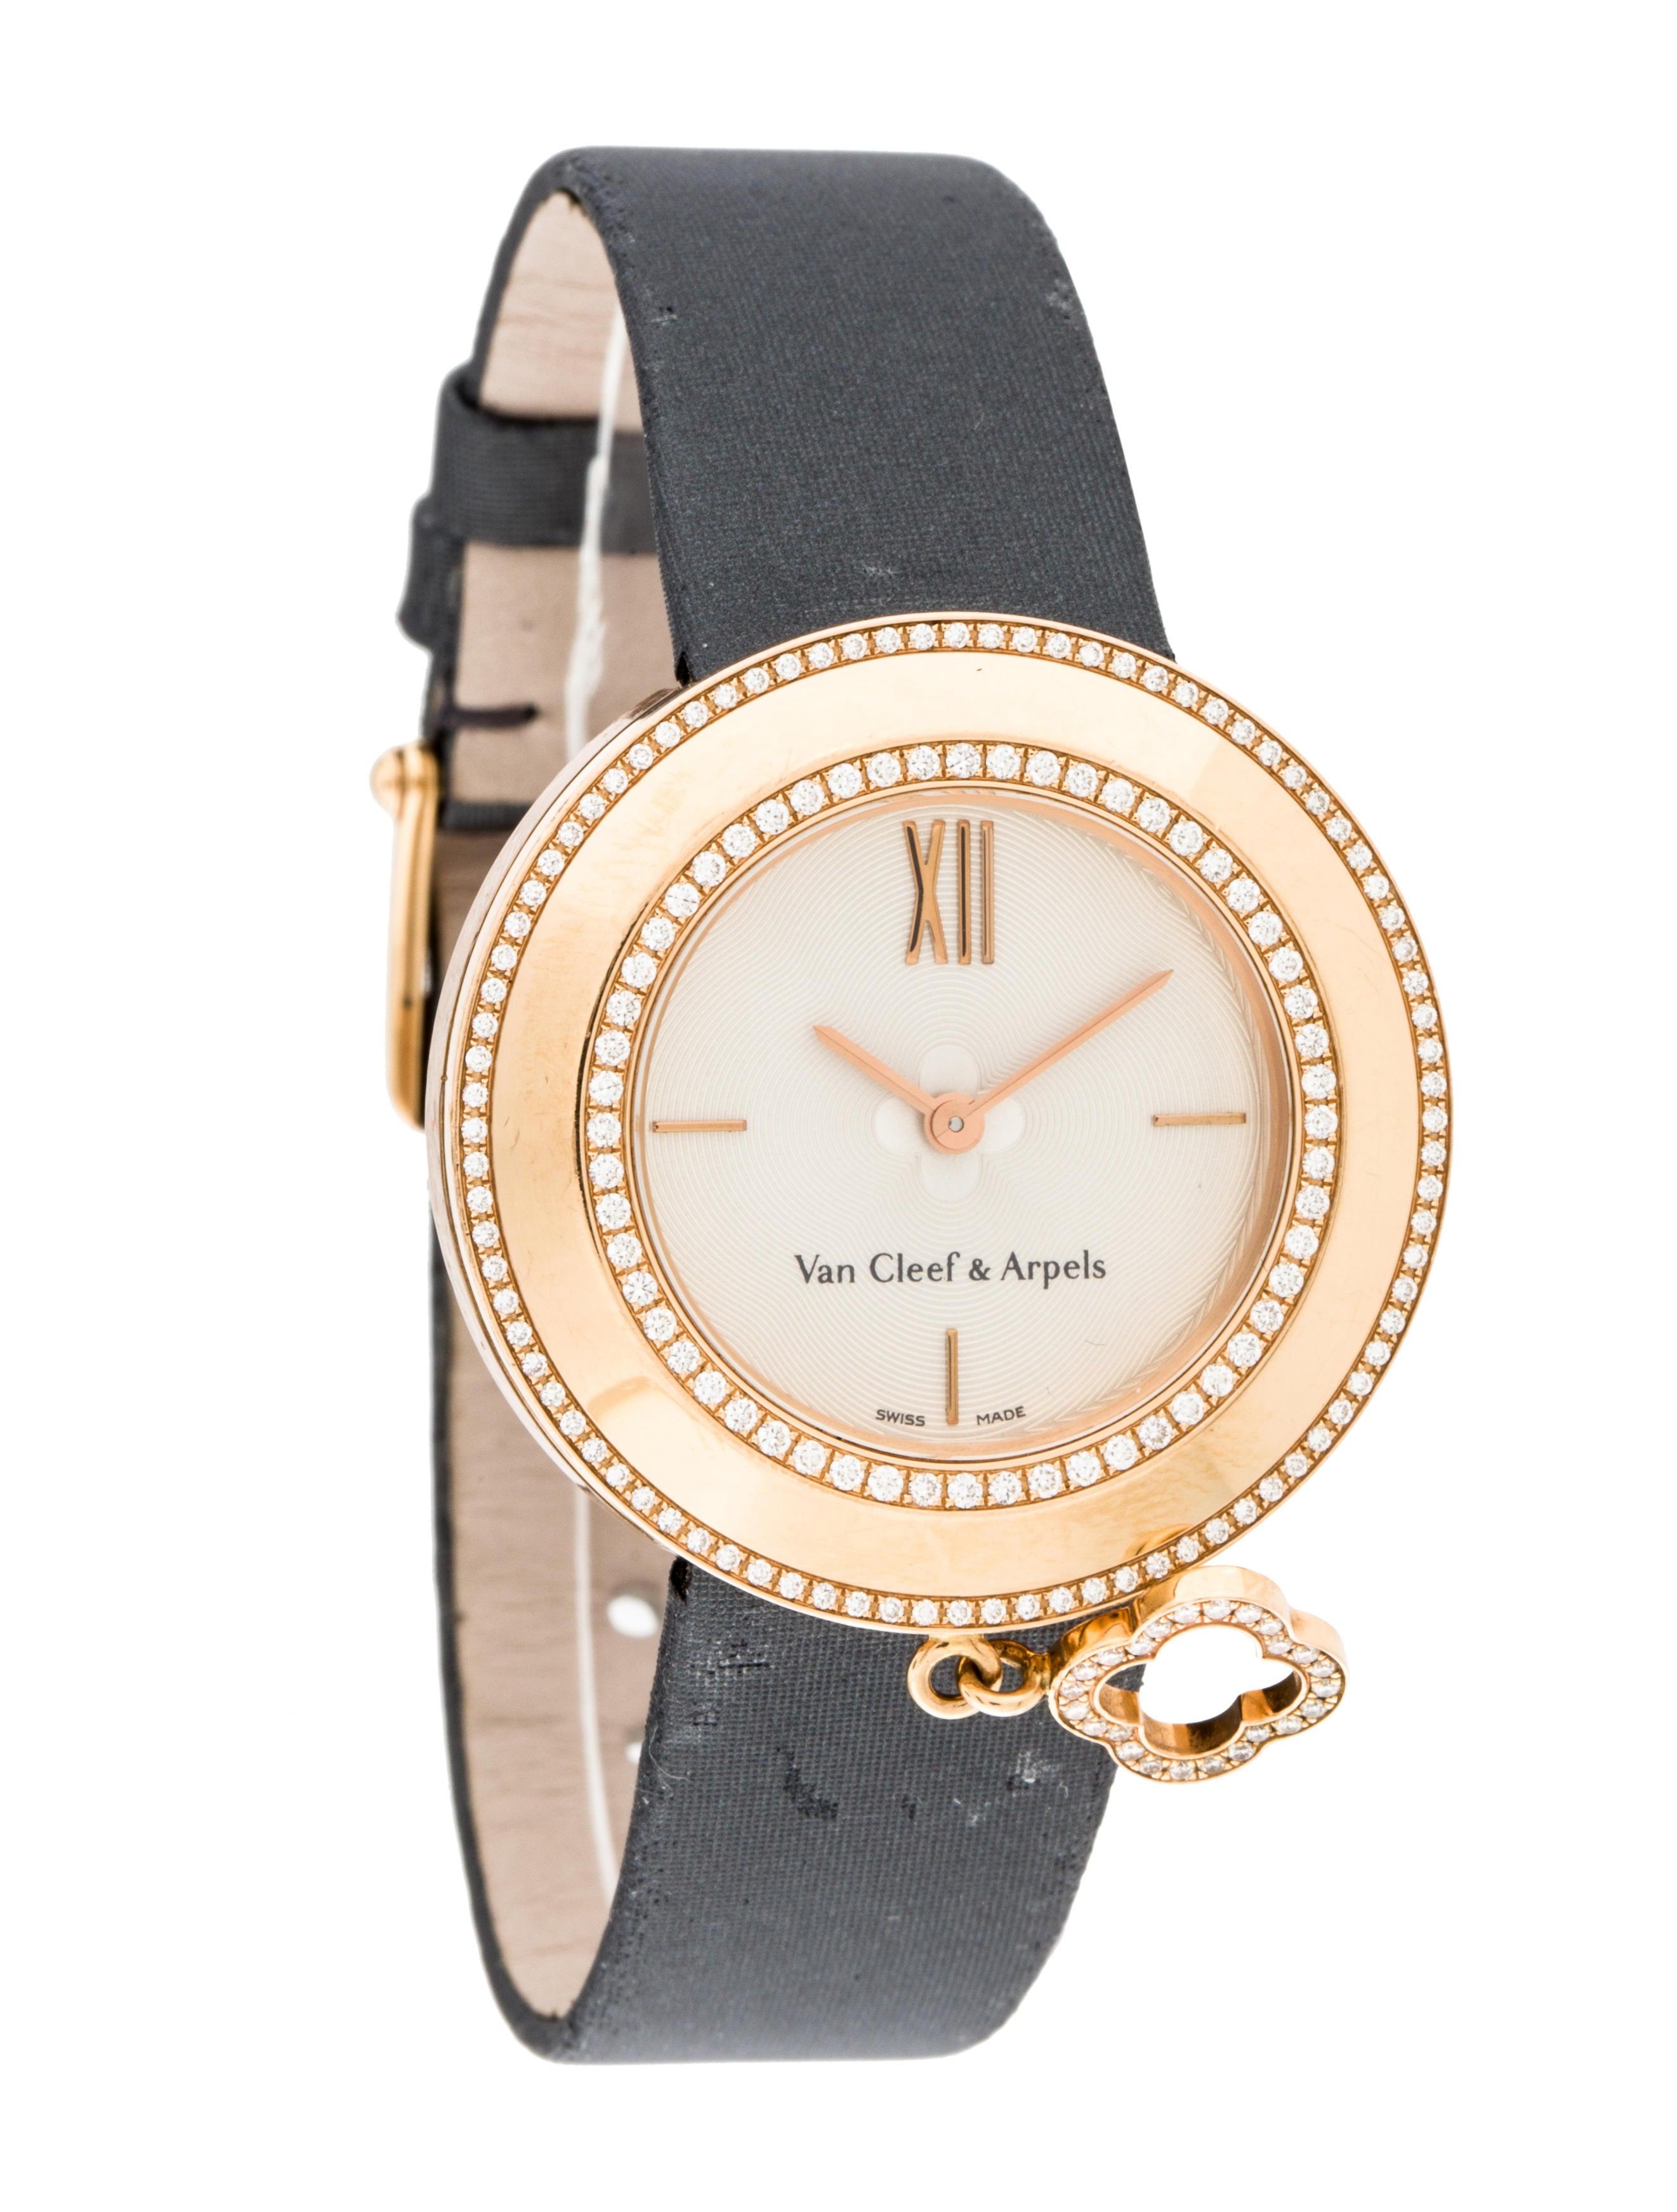 Van Cleef & Arpels Charms Watch - Strap